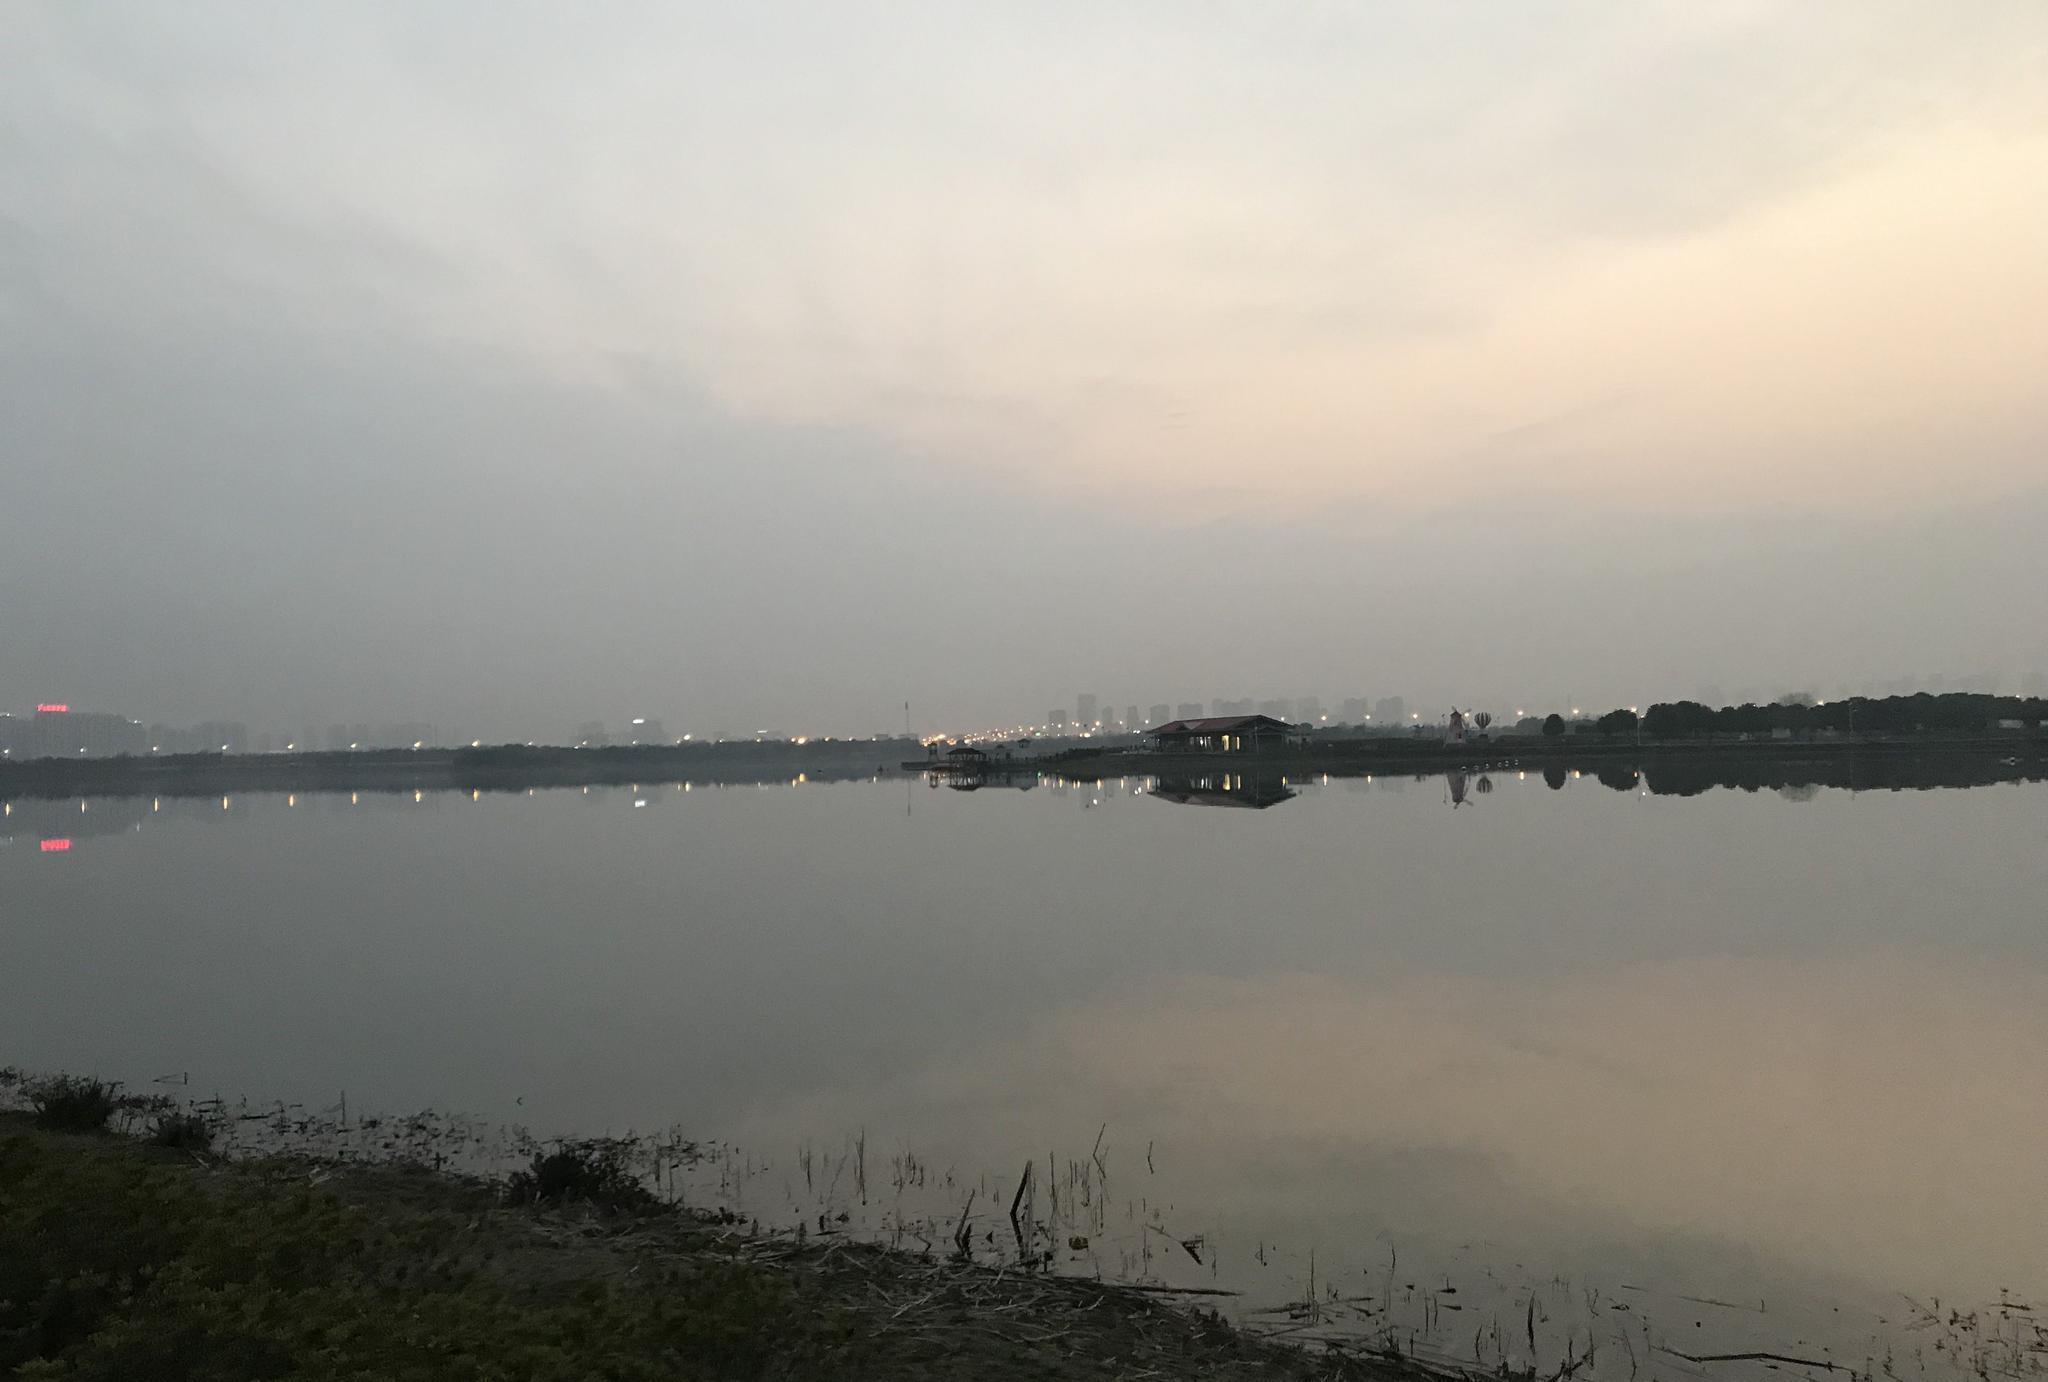 苏州虎丘湿地公园,黑夜给这平静美丽的湖面增添了些朦胧感